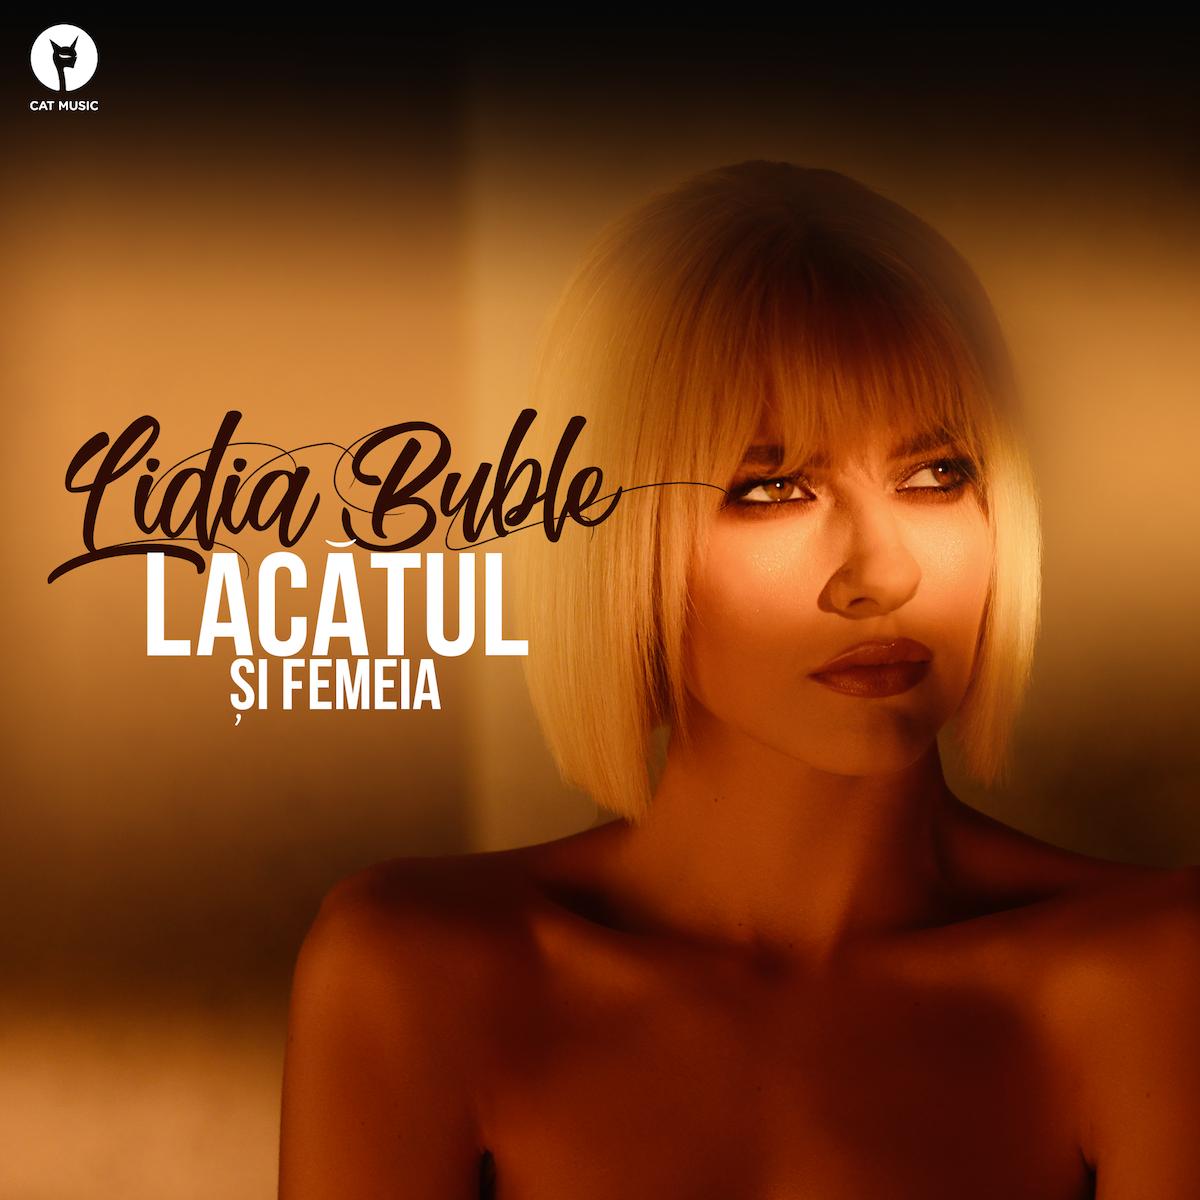 """Lidia Buble lanseaza """"Lacatul si femeia"""", o poveste sensibila de dragoste spusa pe note muzicale"""